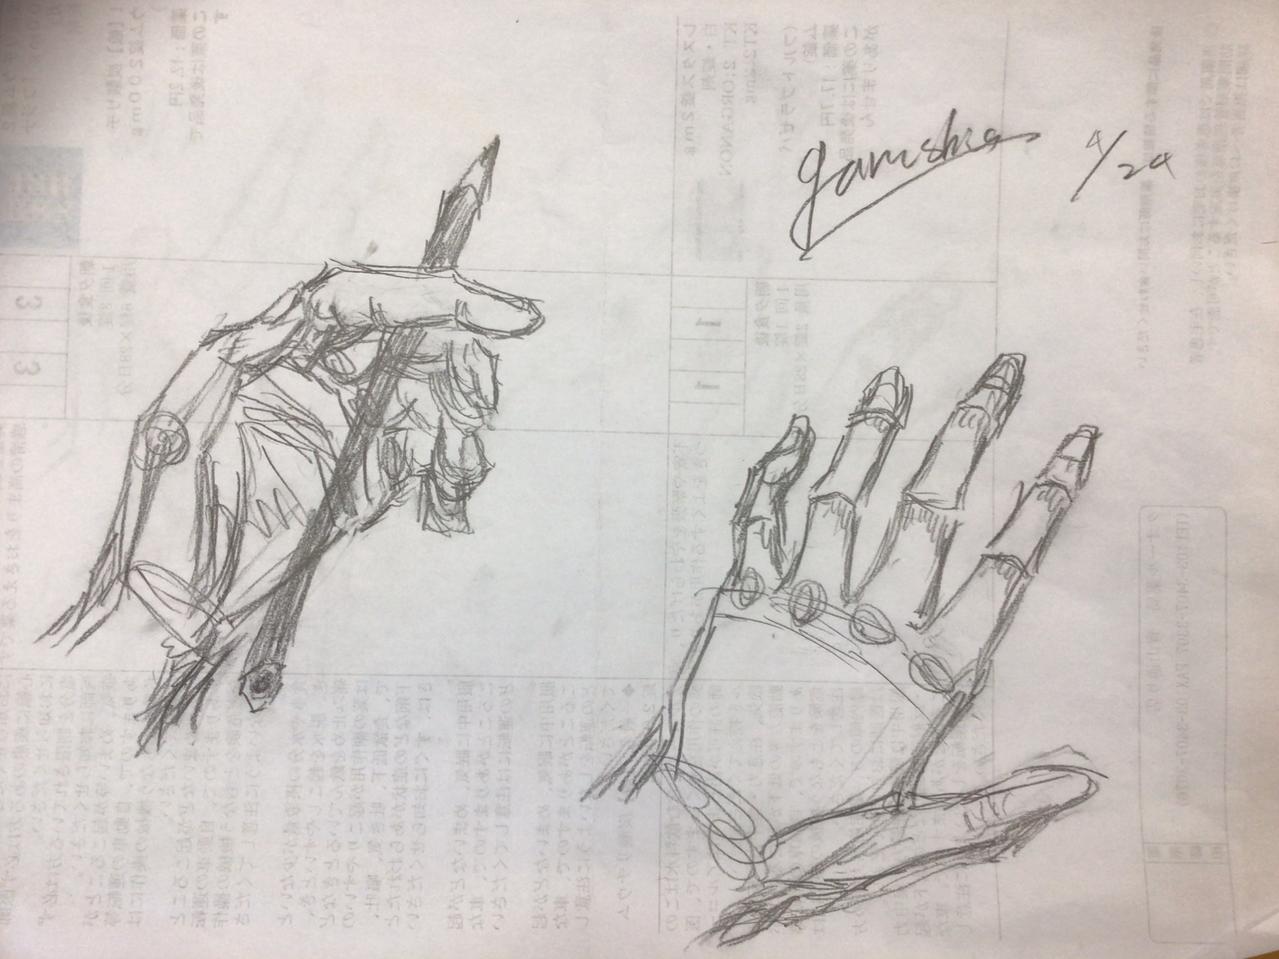 昔の絵 Illust of garushia@ガルシア家主人🌹🎭💧📕 original アイ色のスケッチブック アナログ hand 模写 medibangpaint illustration garushia 過去絵 medibang